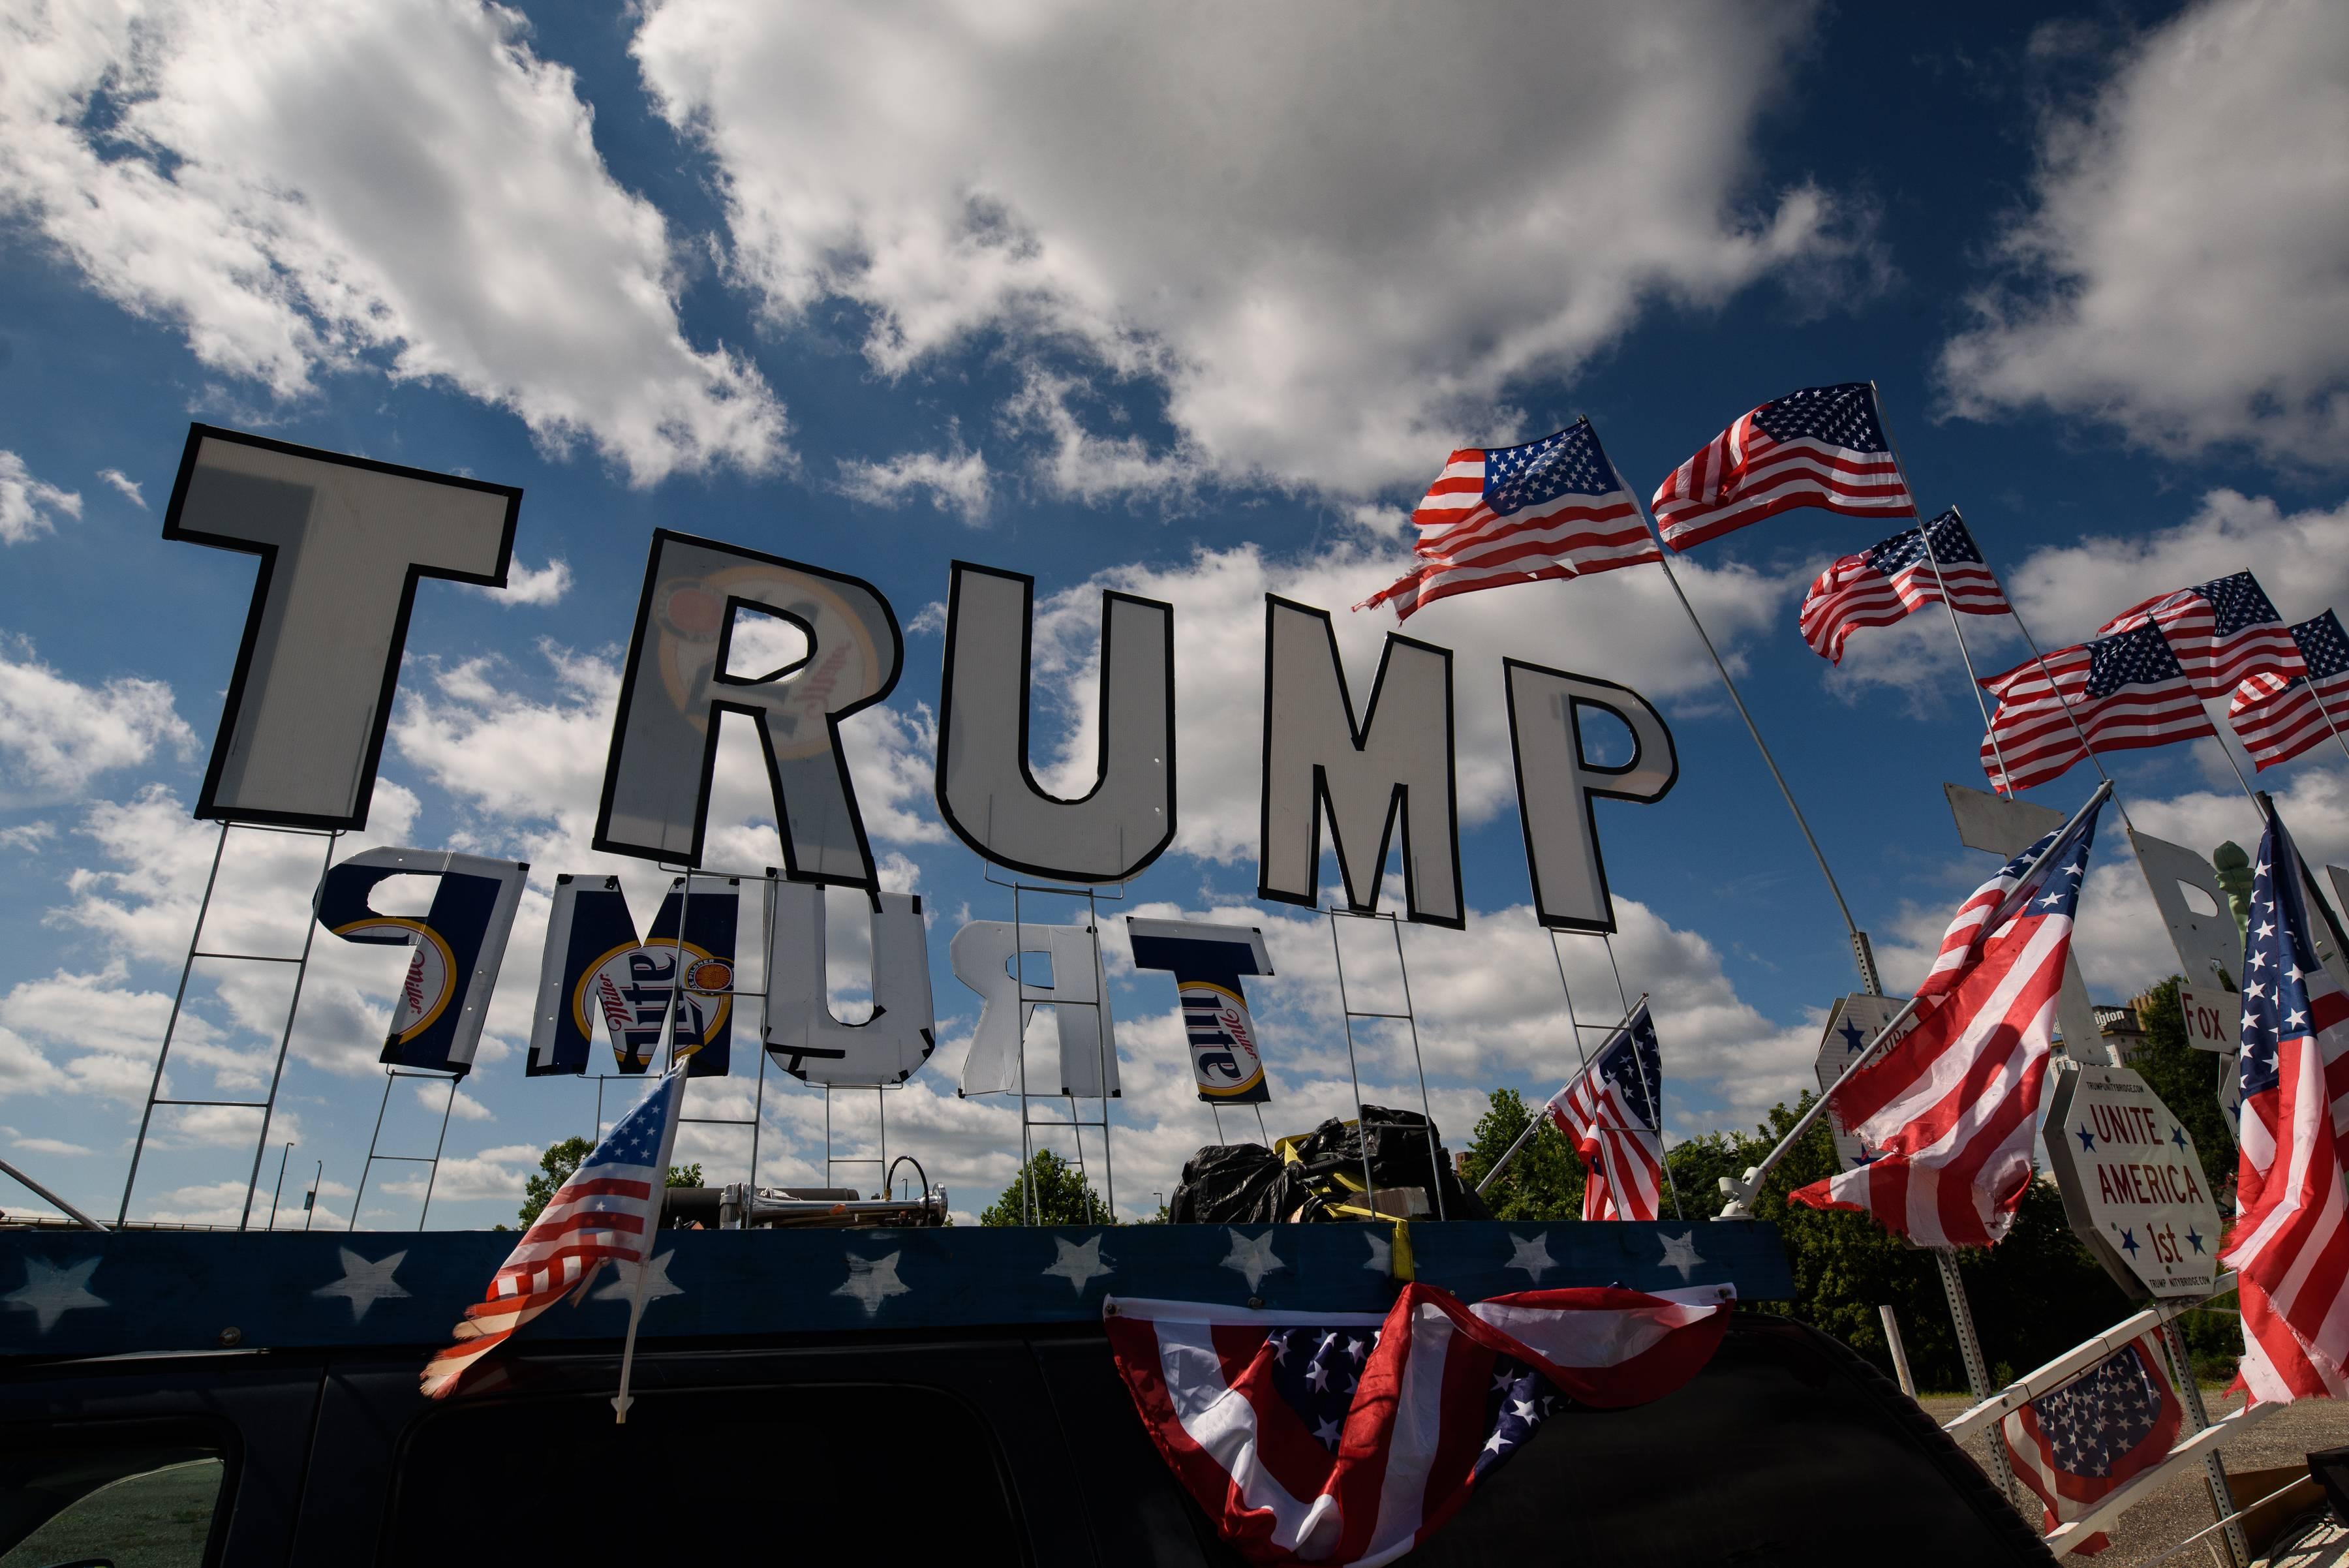 La campaña para la reelección de Donald Trump en 2020 sería apoyada por ex-trabajadores de Cambridge Analytica